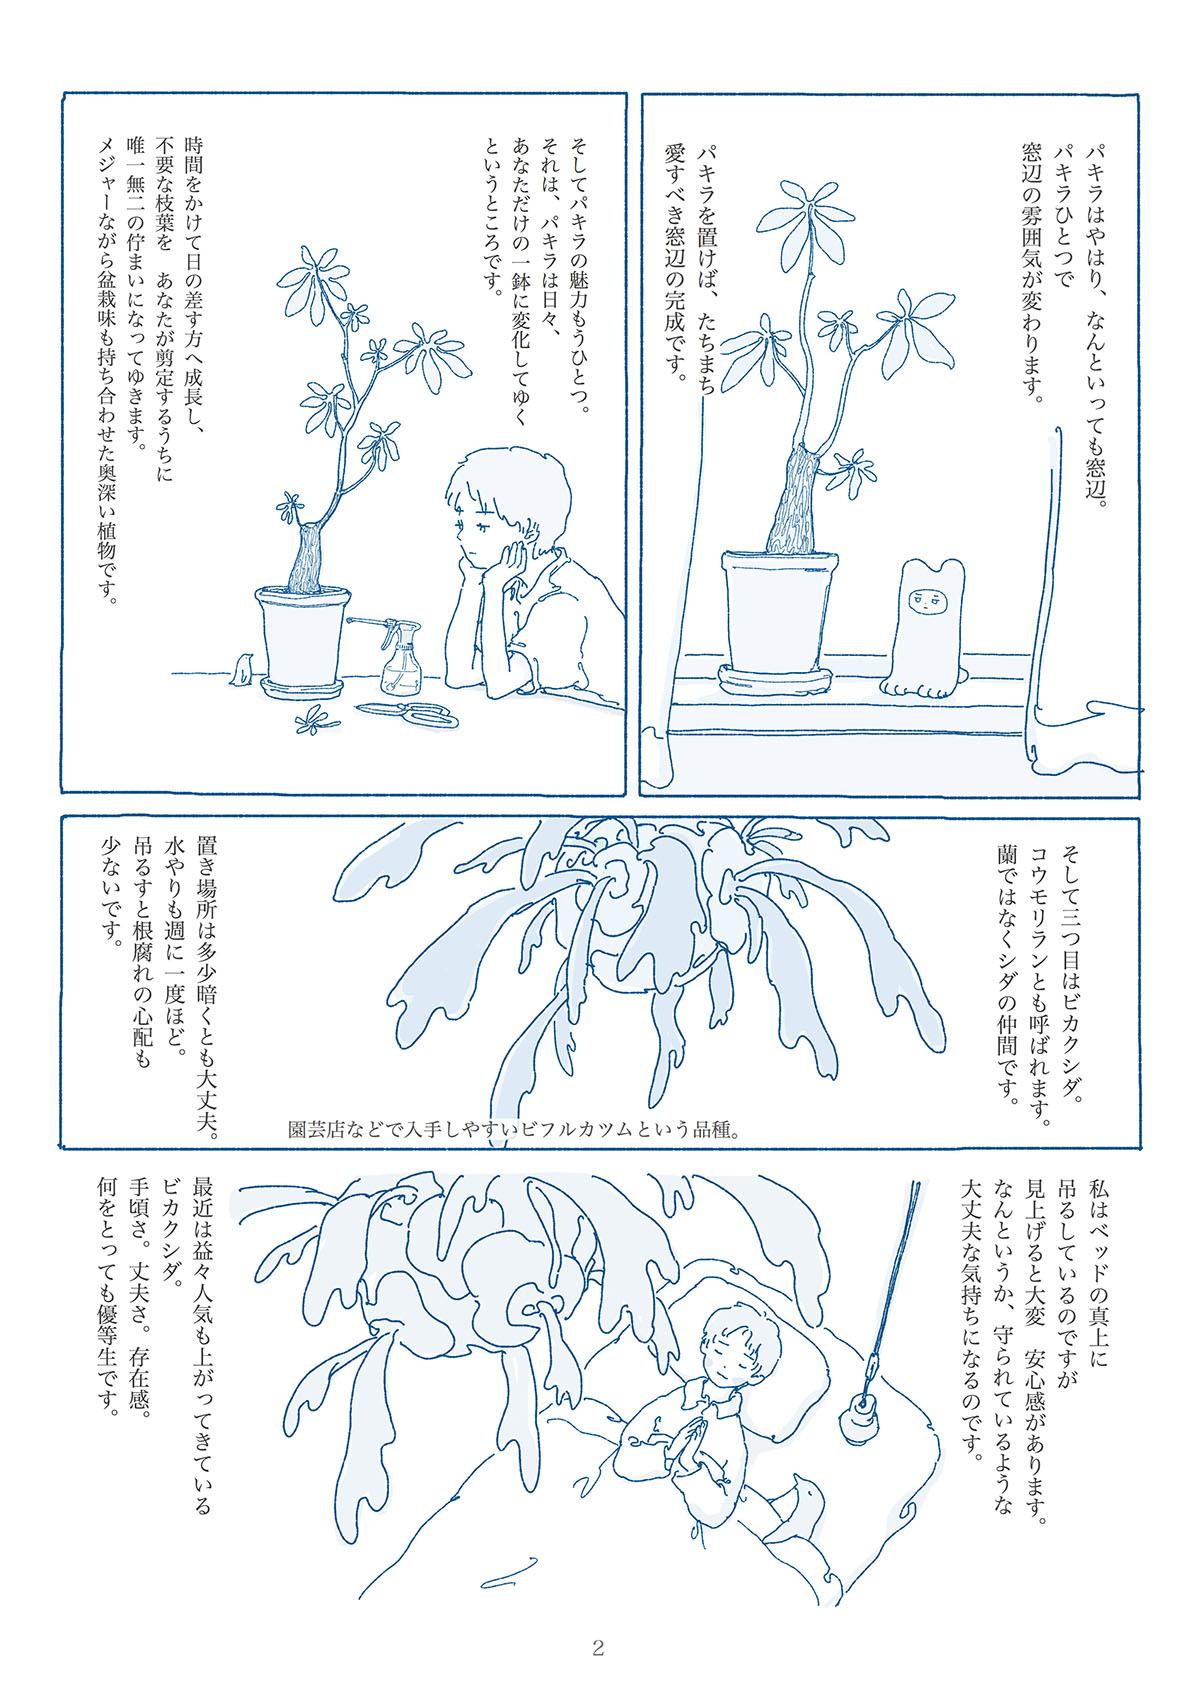 お気に入りの観葉植物の漫画2ページ目